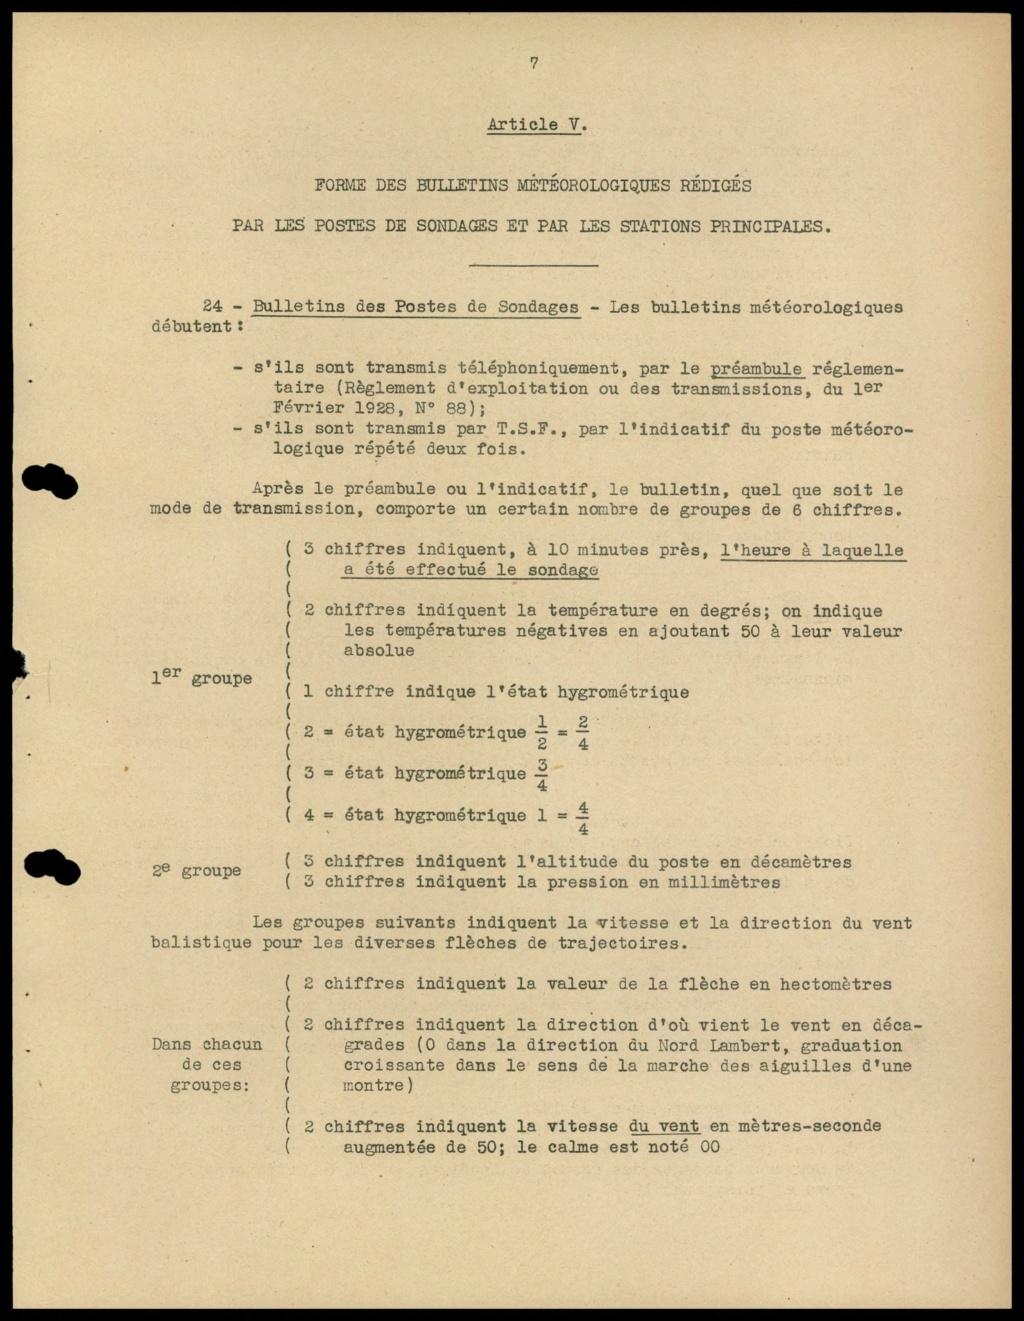 La météorologie dans l'armée francaise 810